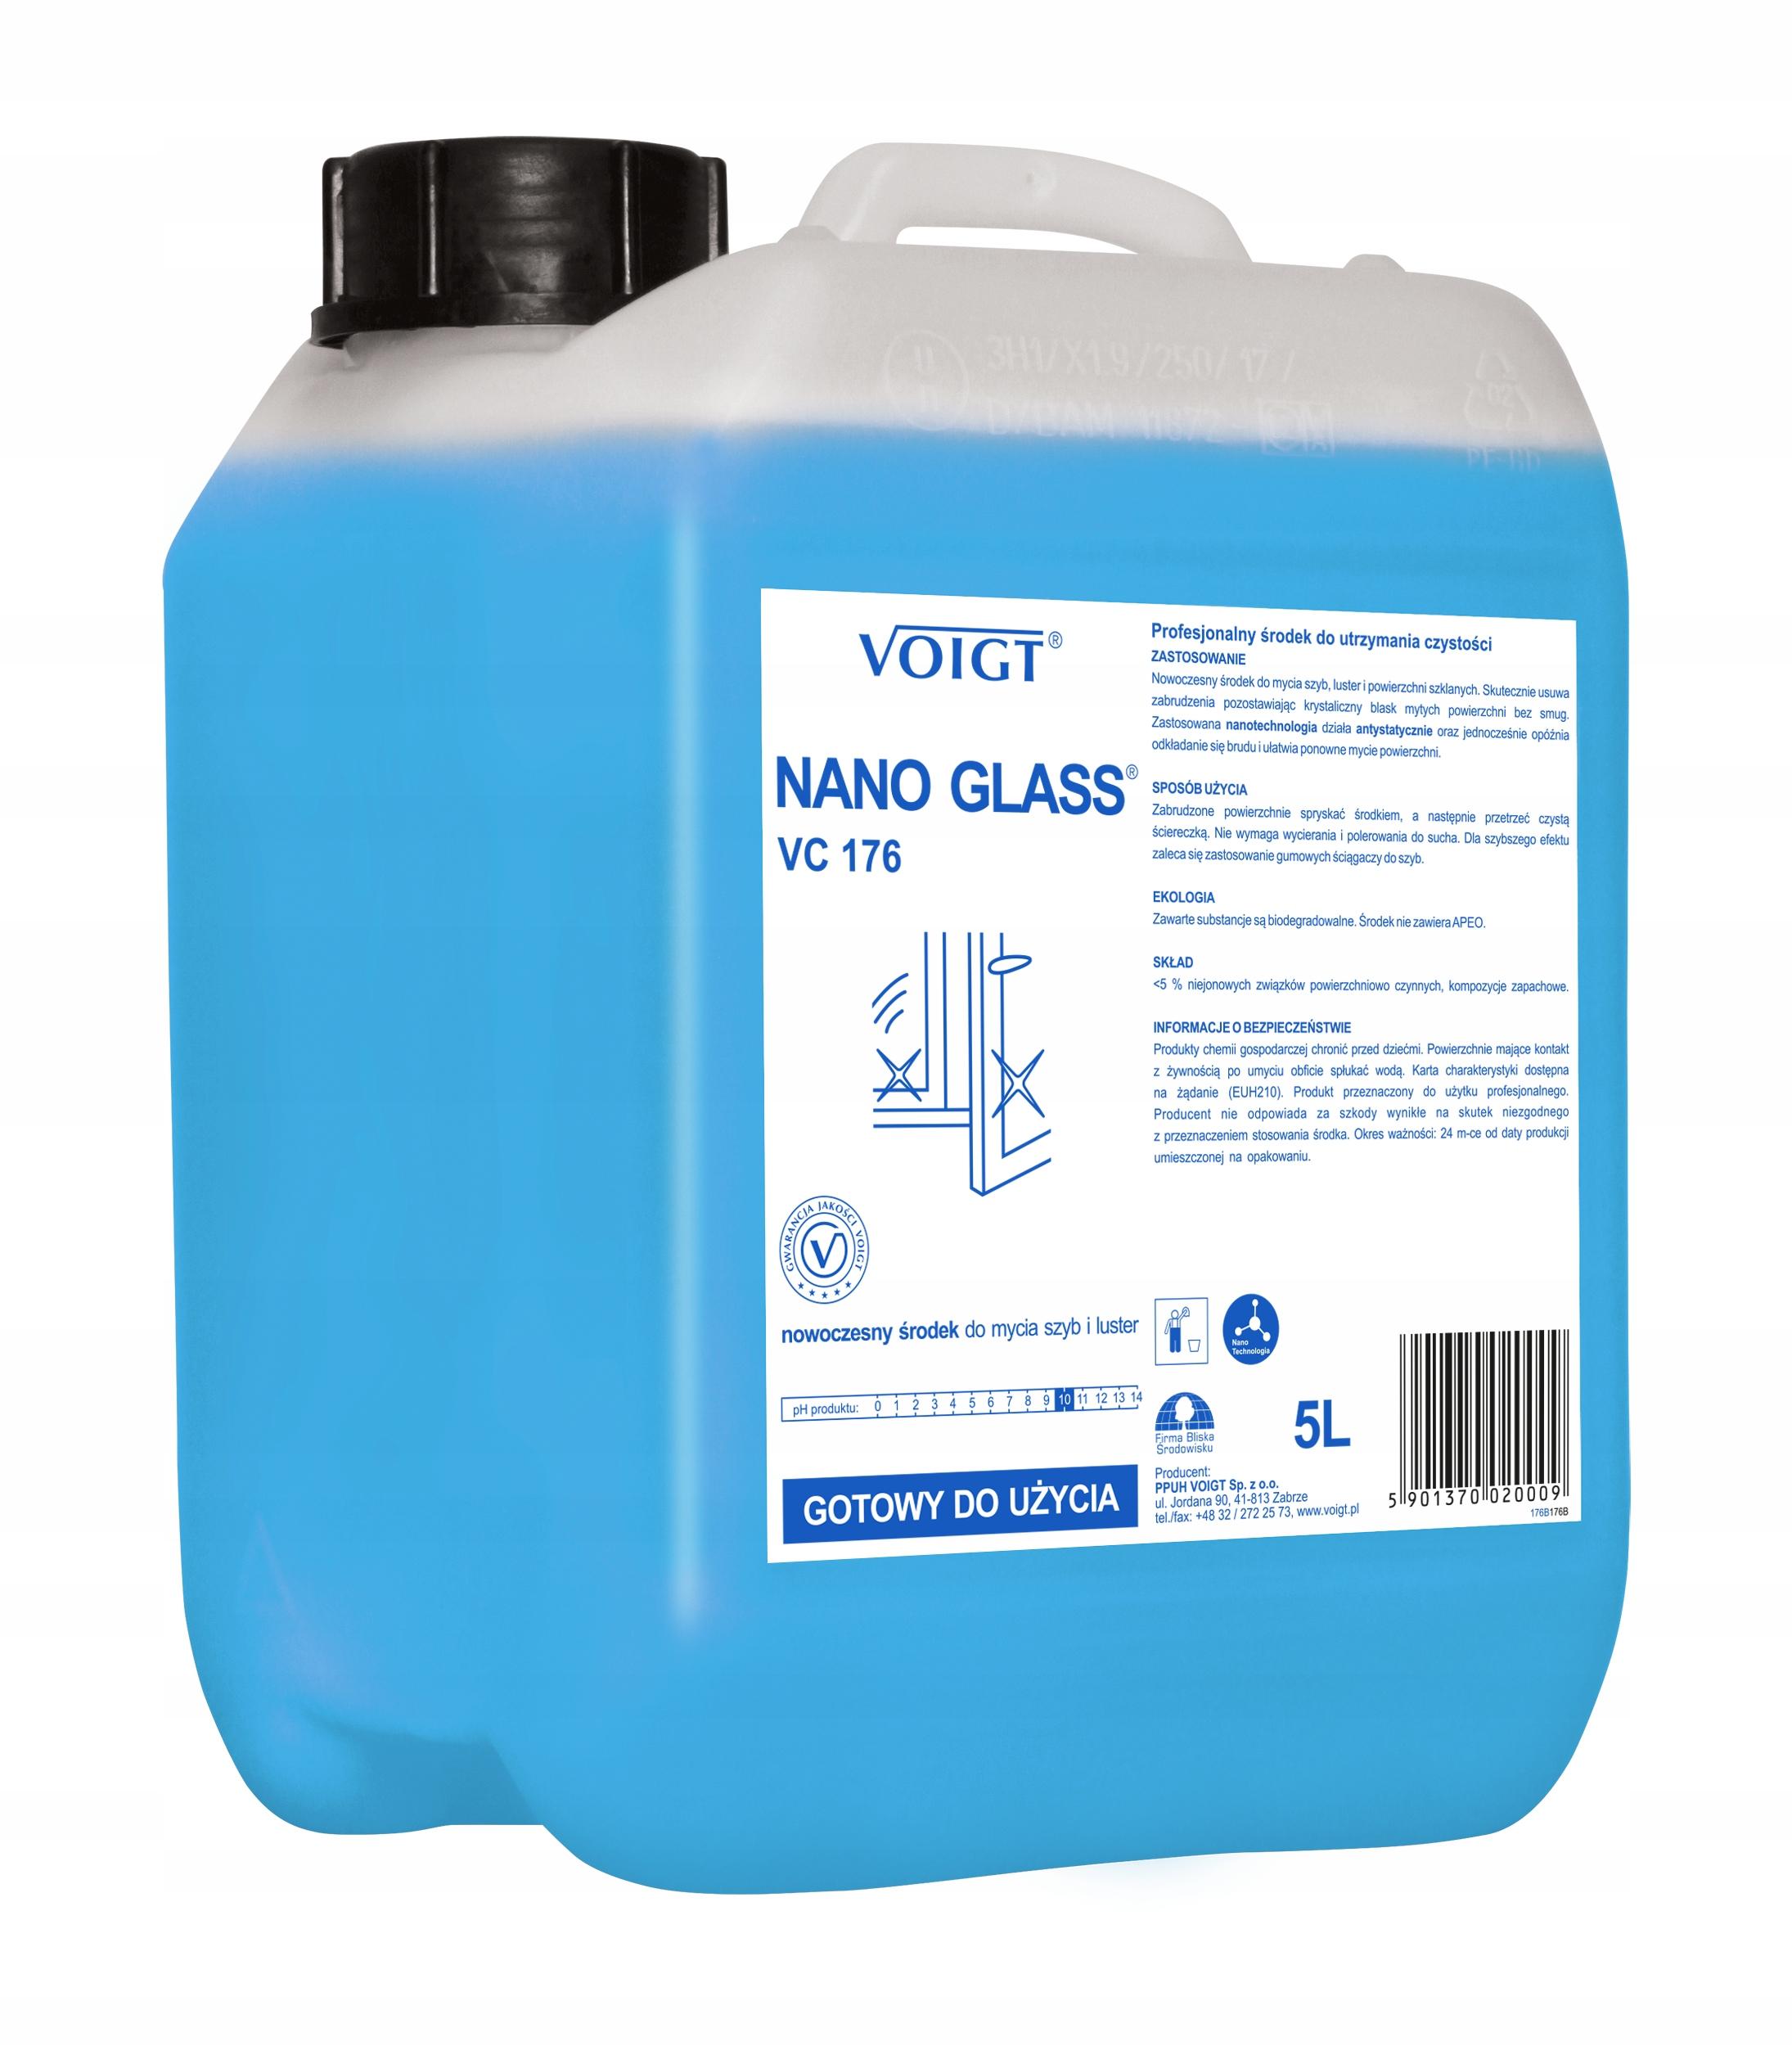 Voigt NANO GLASS VC 176 для окон и зеркал 5 литров